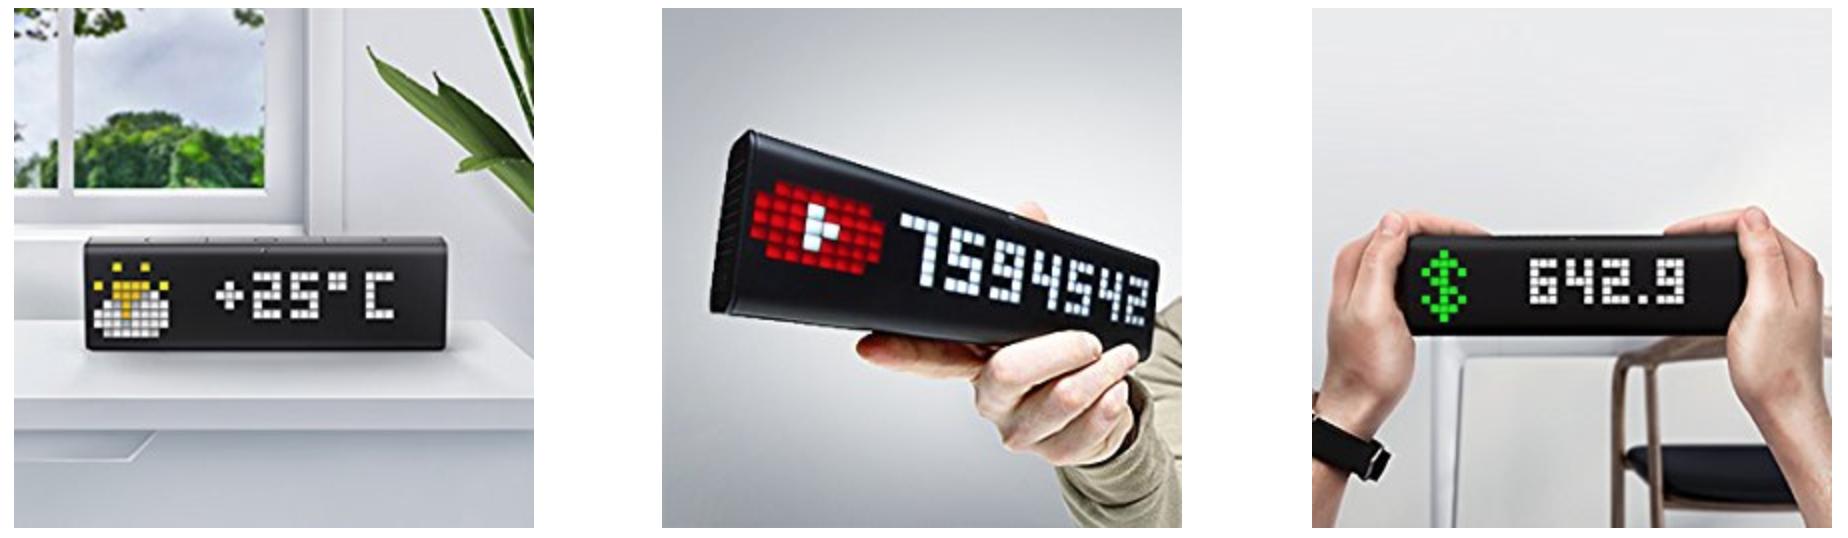 好きな情報を表示できるWiFiデジタル時計「LaMetric Time」が面白そう